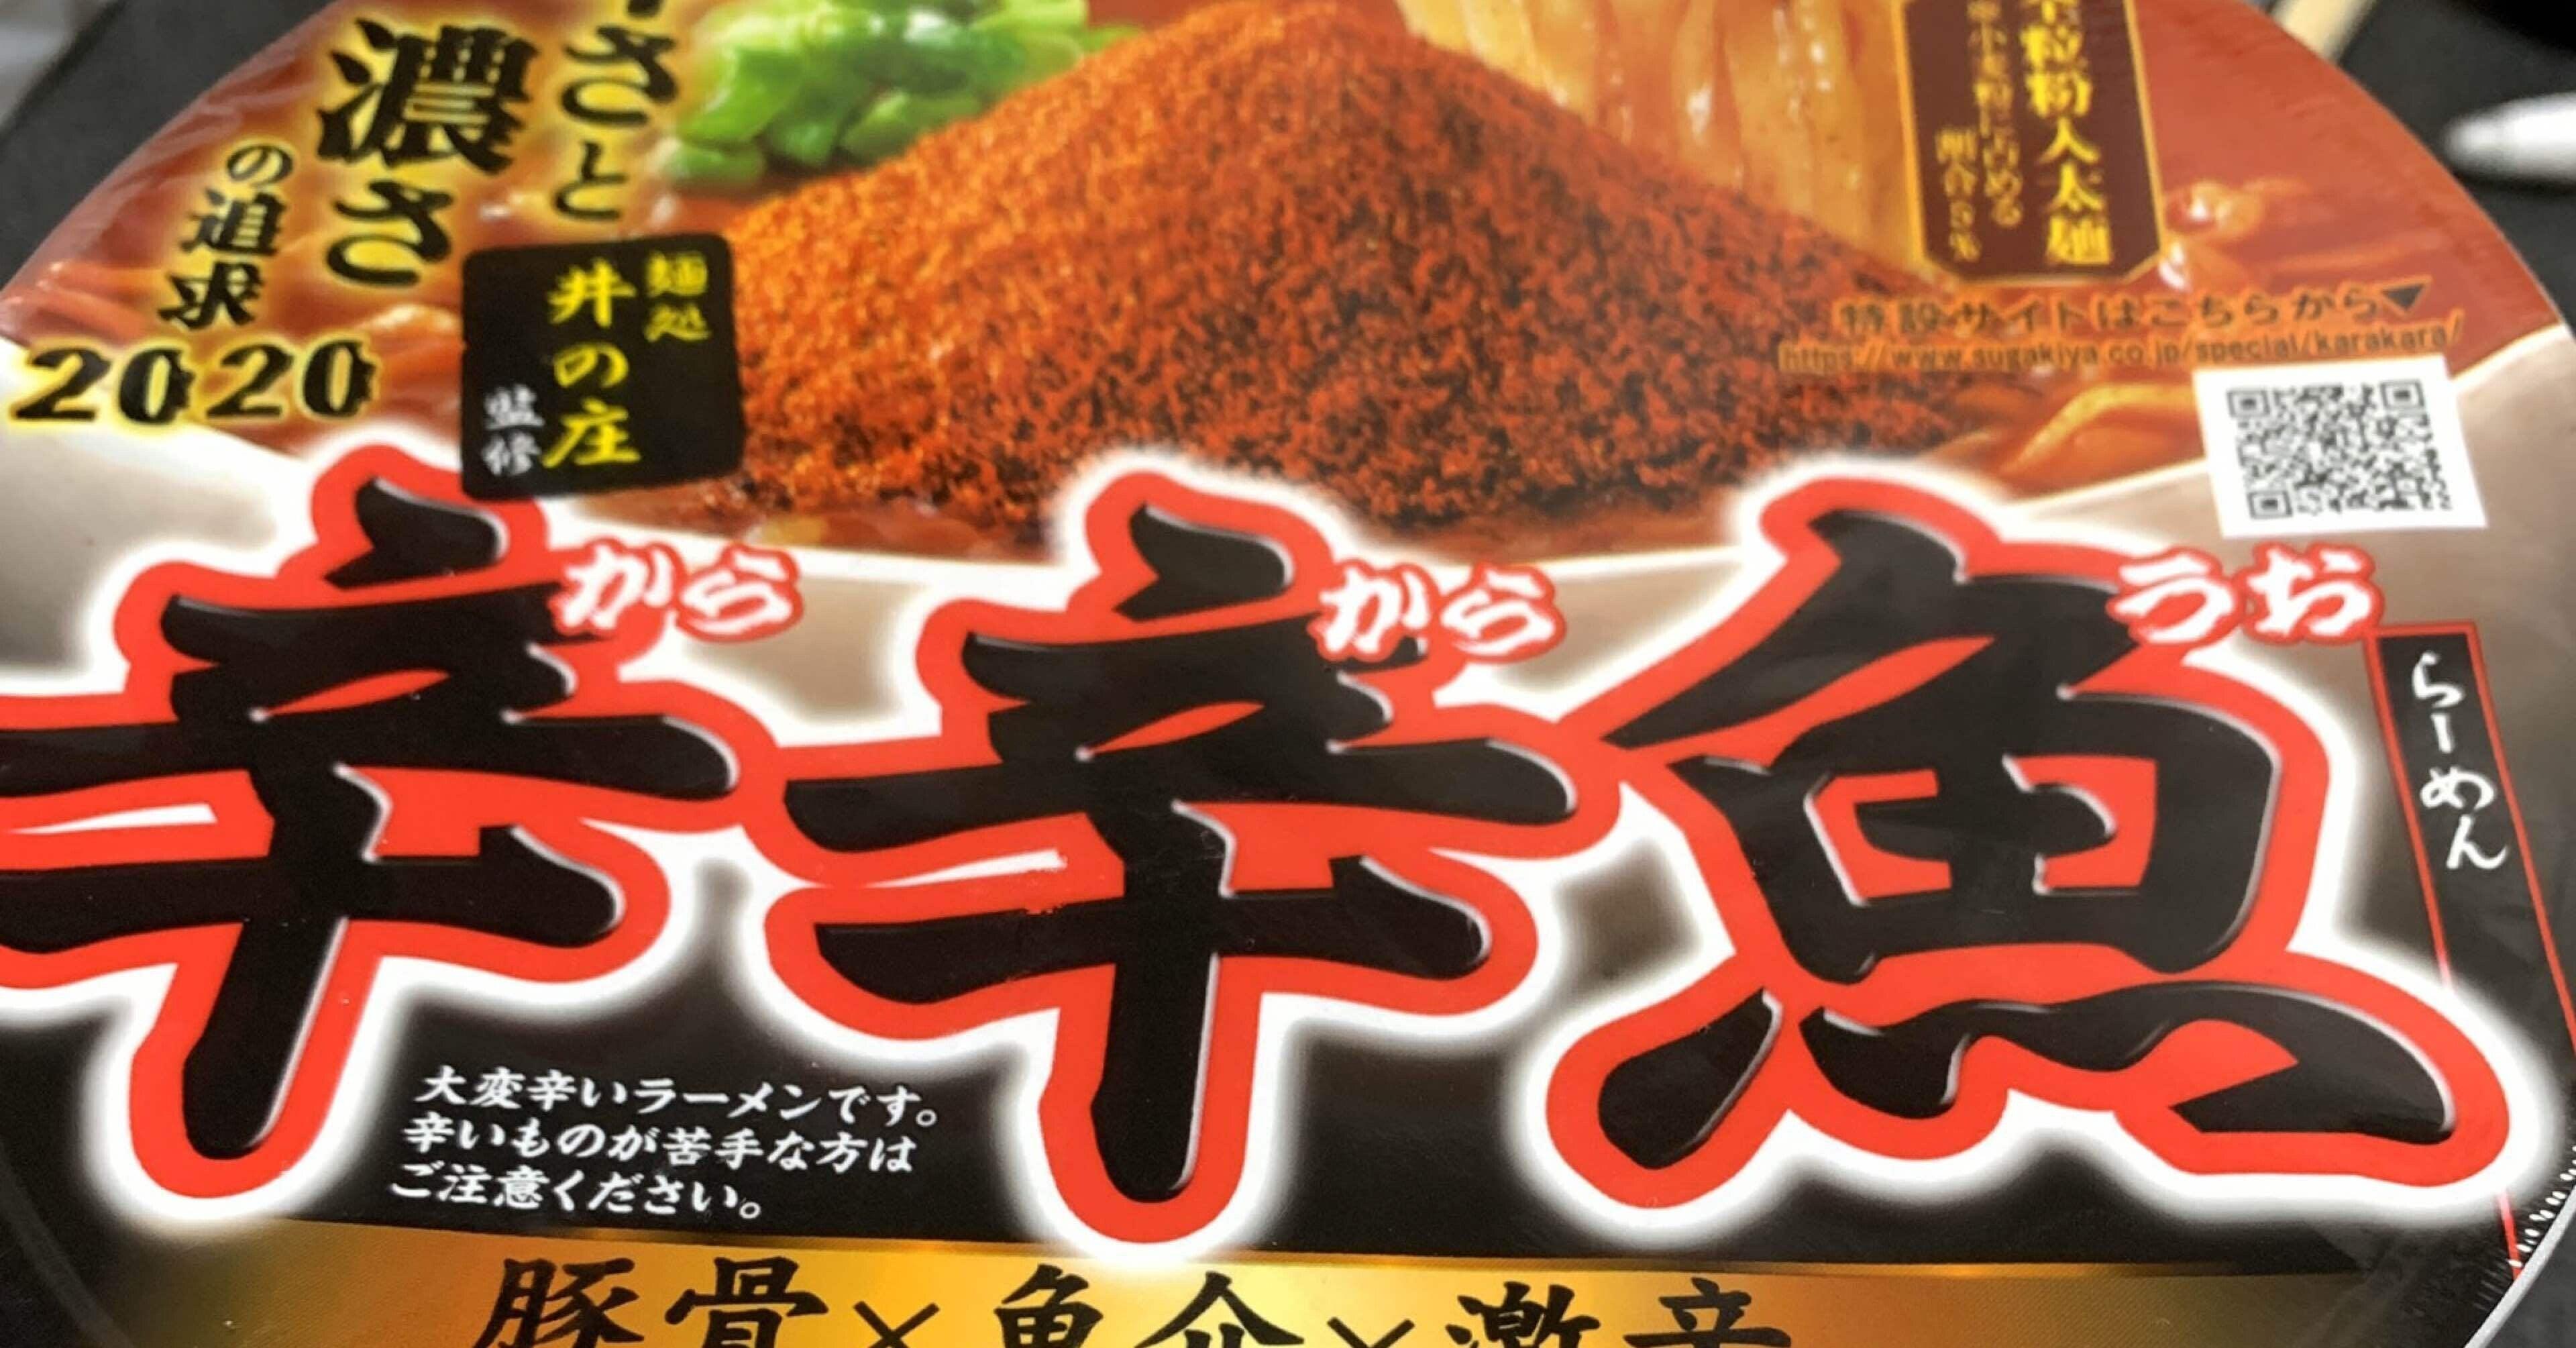 魚 ローソン 辛 辛 ローソン「辛辛魚らーめん」実食レビュー 激辛レンジ麺と本物を比較してみた結果